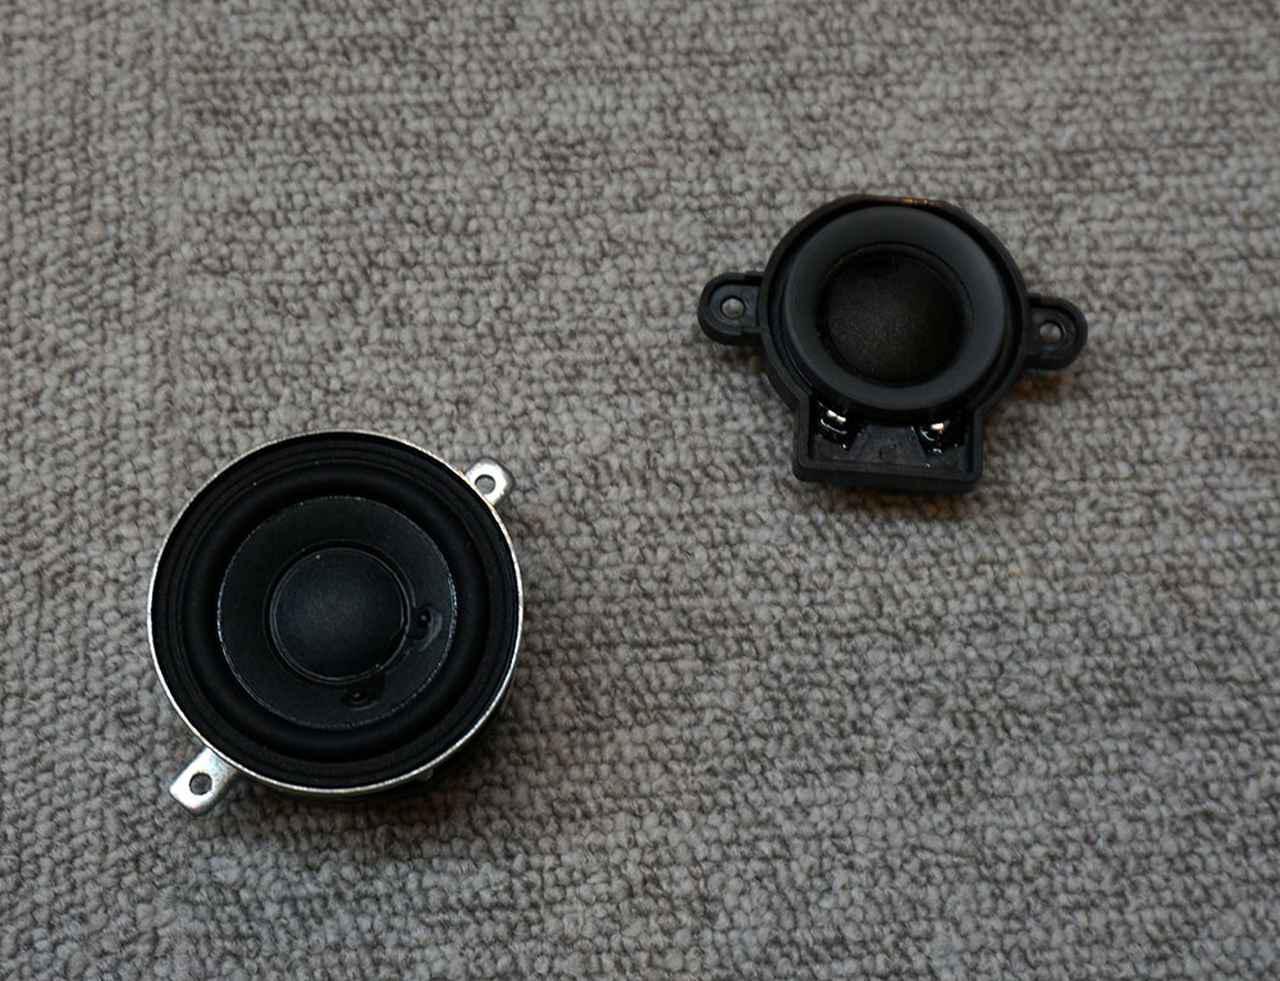 画像: 右上が高域用の20mmソフトドーム型トゥイーターで、マグネットにはネオジウムが採用されている。左下は42mmのミッドレンジウーファーで、こちらは各チャンネルに2基ずつ搭載されている